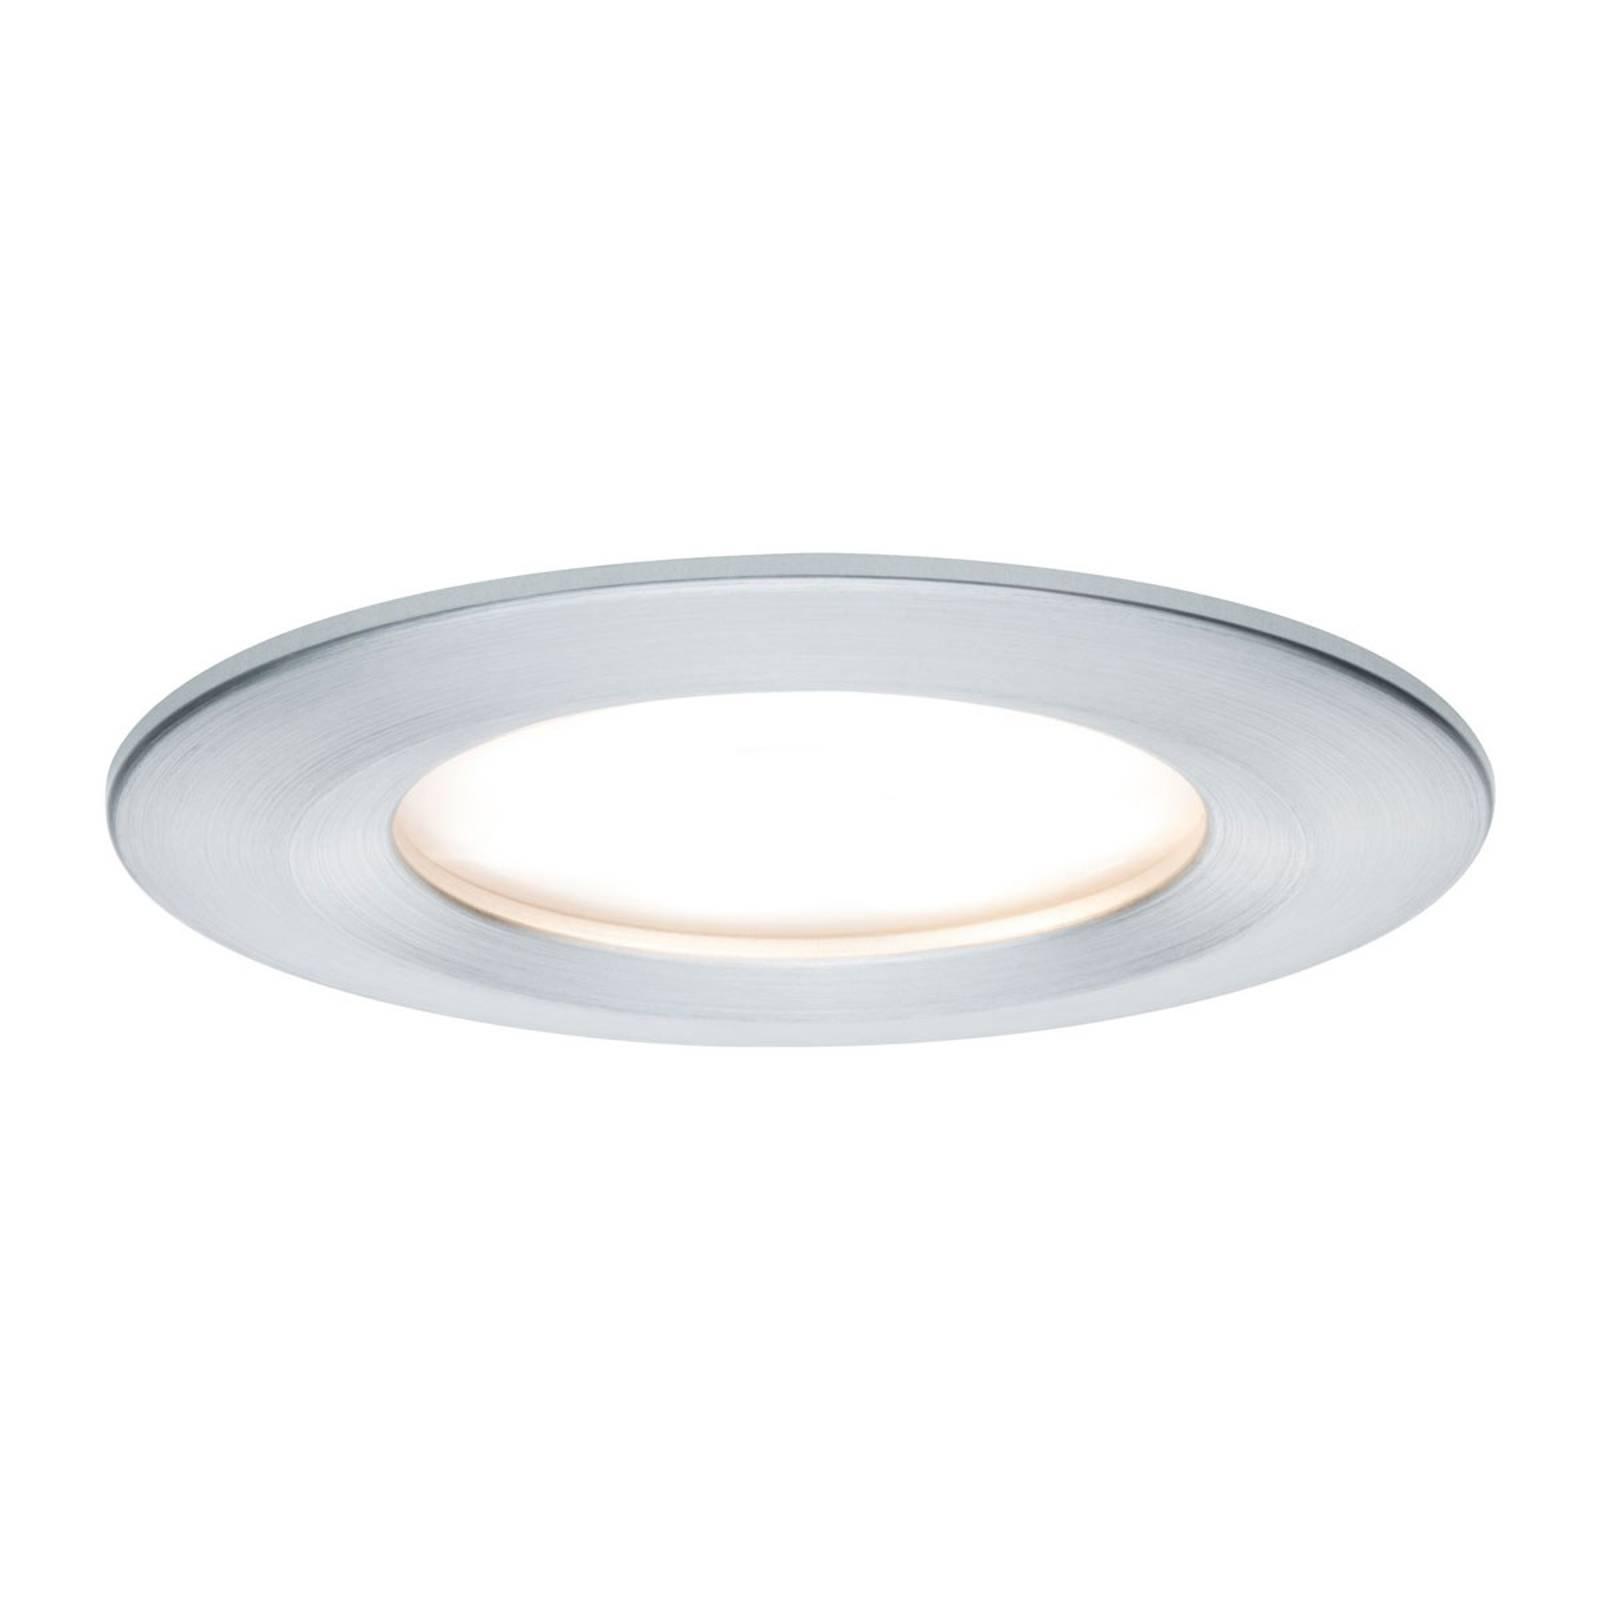 Paulmann LED-spotti Nova Coin pyöreä, alumiini